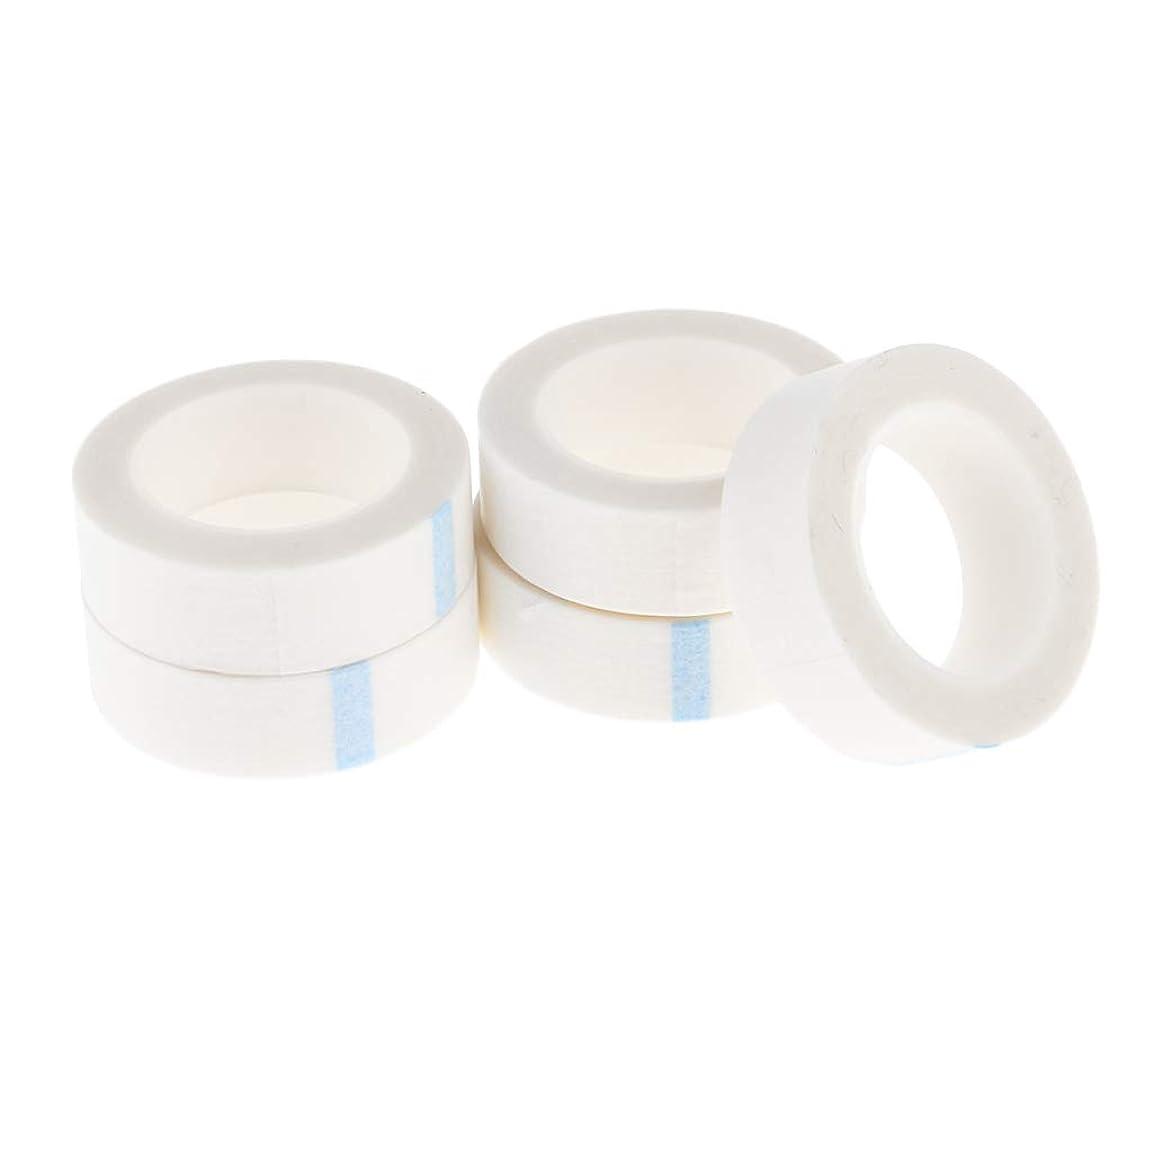 アパル冷蔵庫中5ロール つけまつげテープ 不織布 まつげエクステンション 粘着テープ